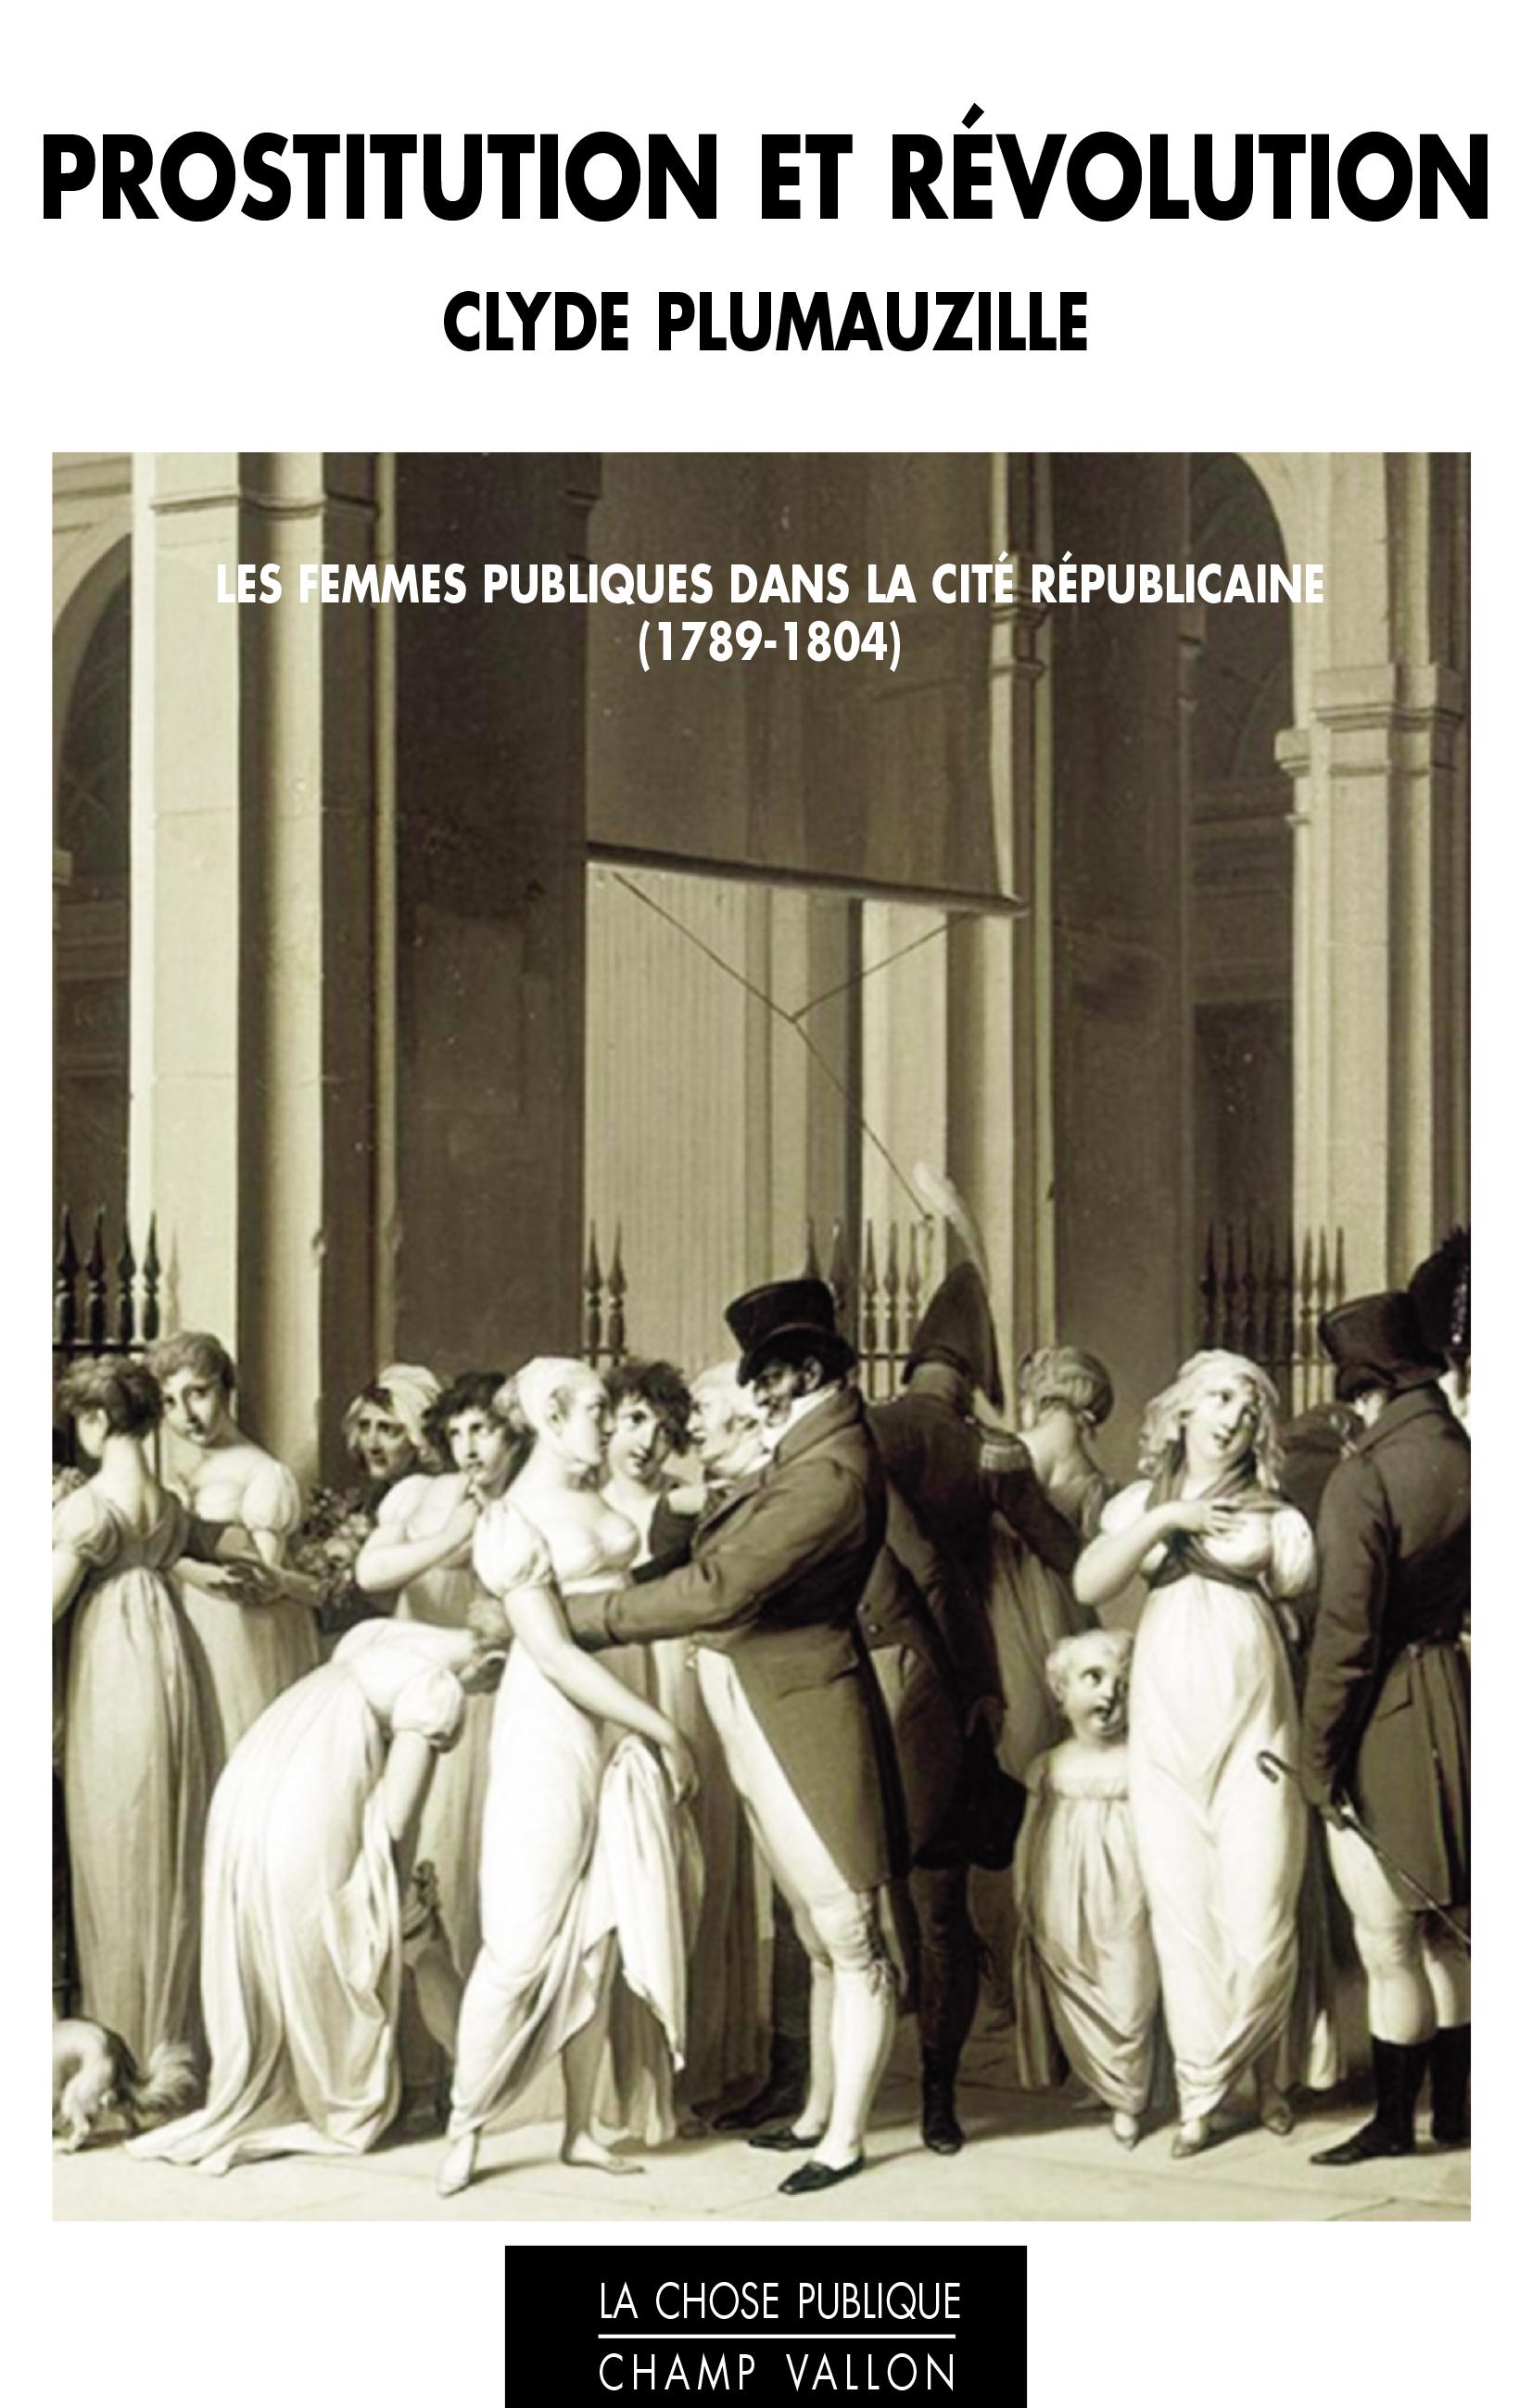 Prostitution et Révolution, Les Femmes publiques dans la cité républicaine (1789-1804)